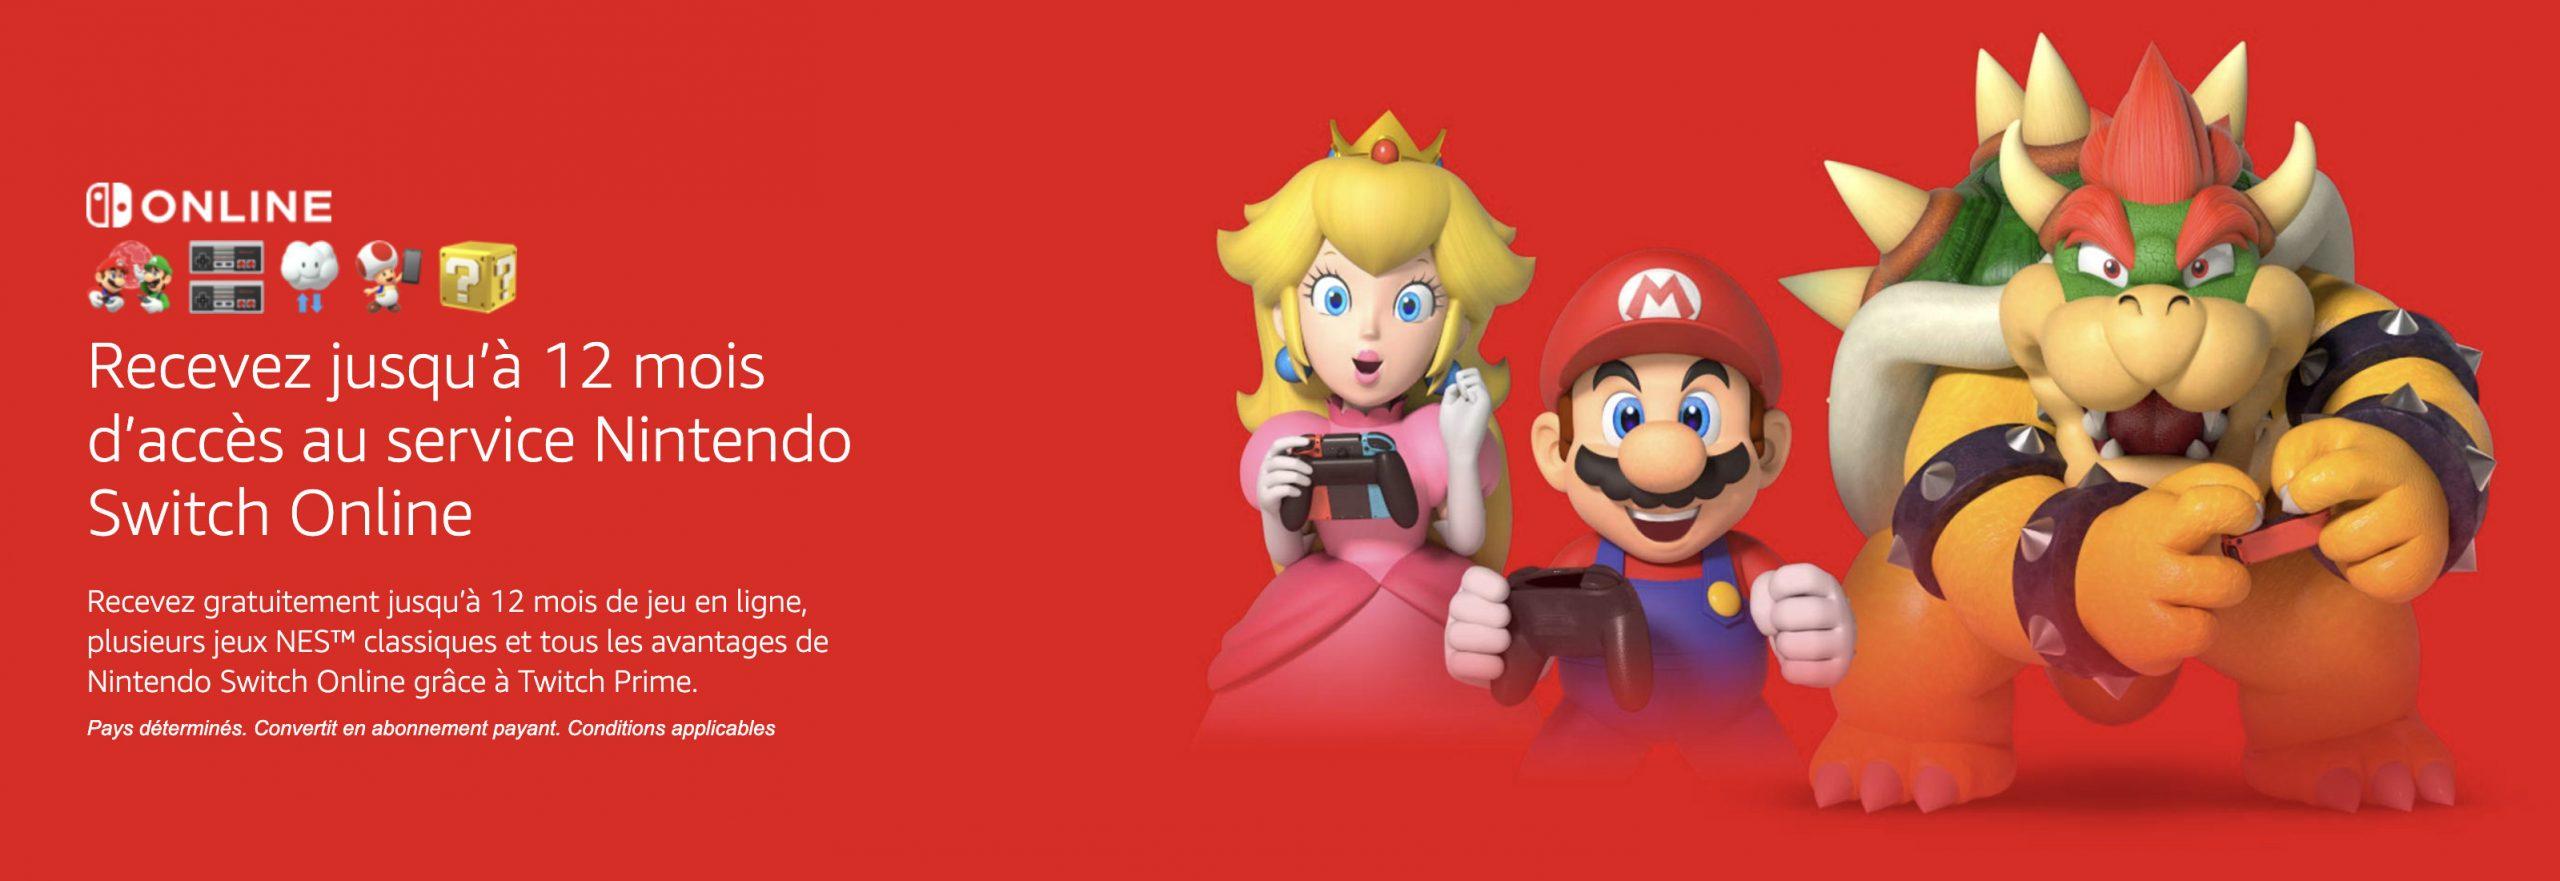 Amazon Prime Offre 3 À 12 Mois D'abonnement Au Nintendo tout Jeux A Deux En Ligne